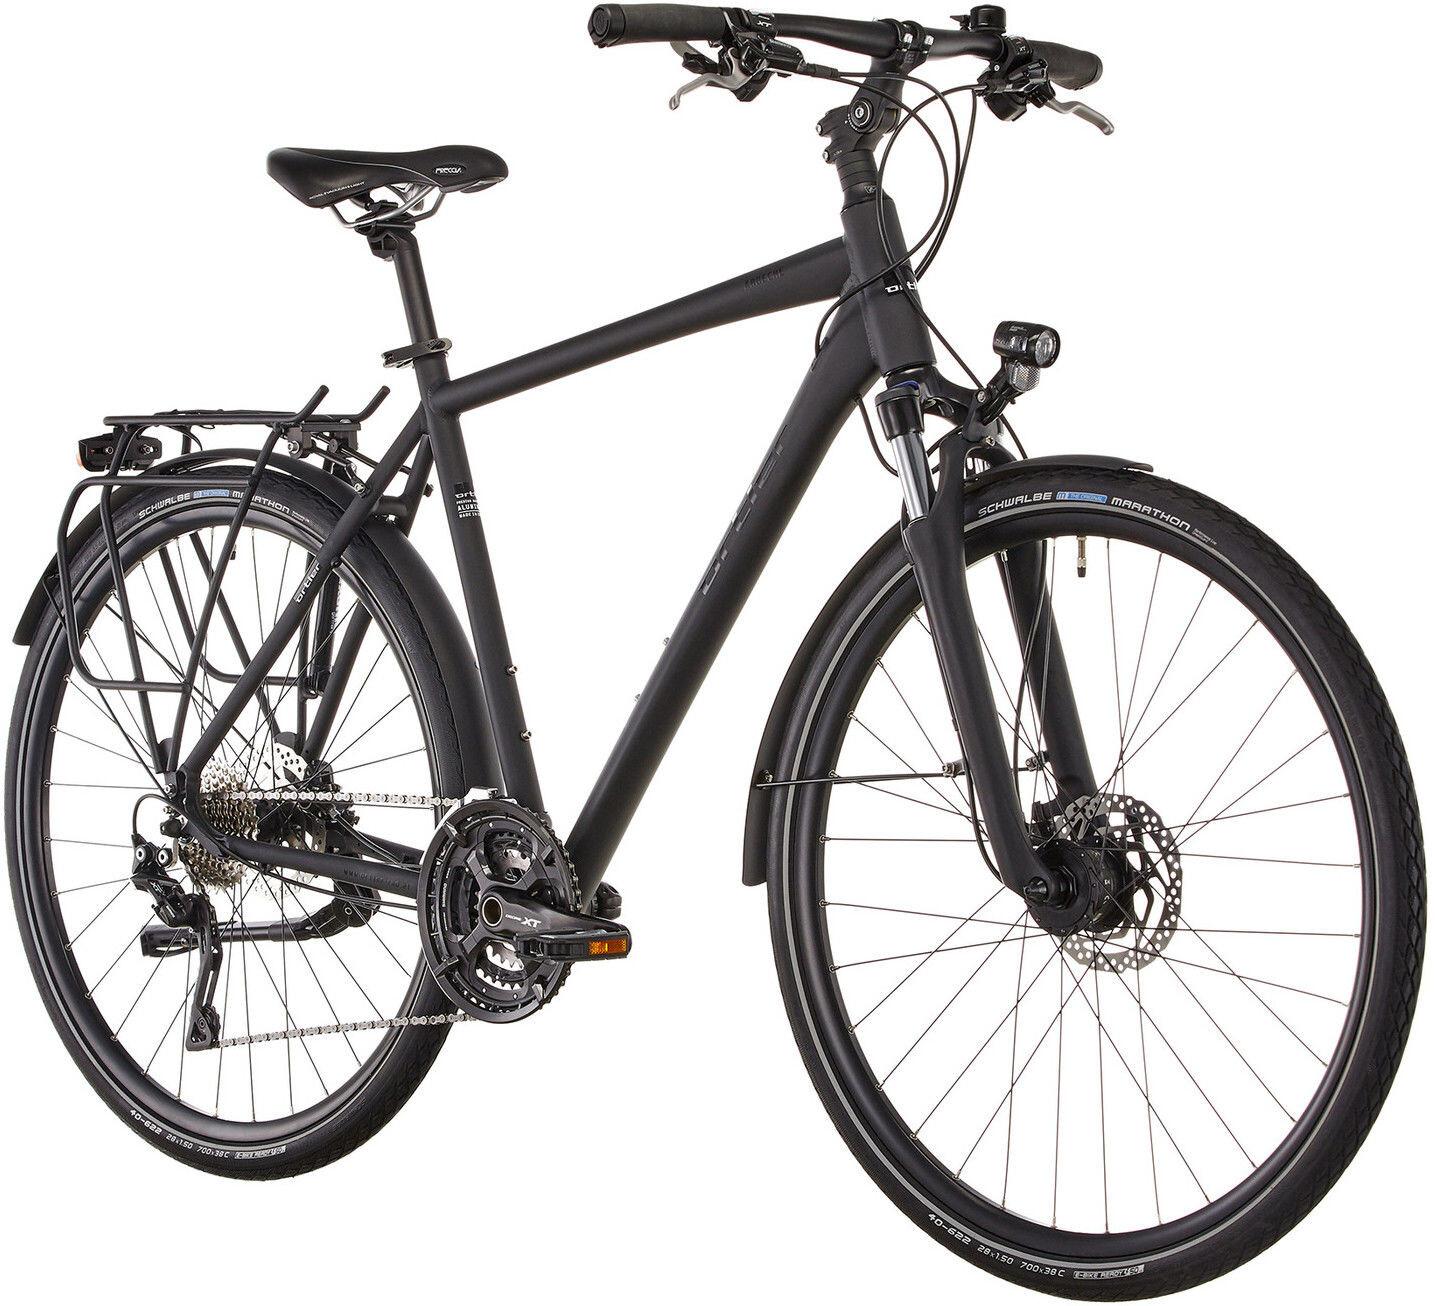 ortler ardeche touring bike black at. Black Bedroom Furniture Sets. Home Design Ideas